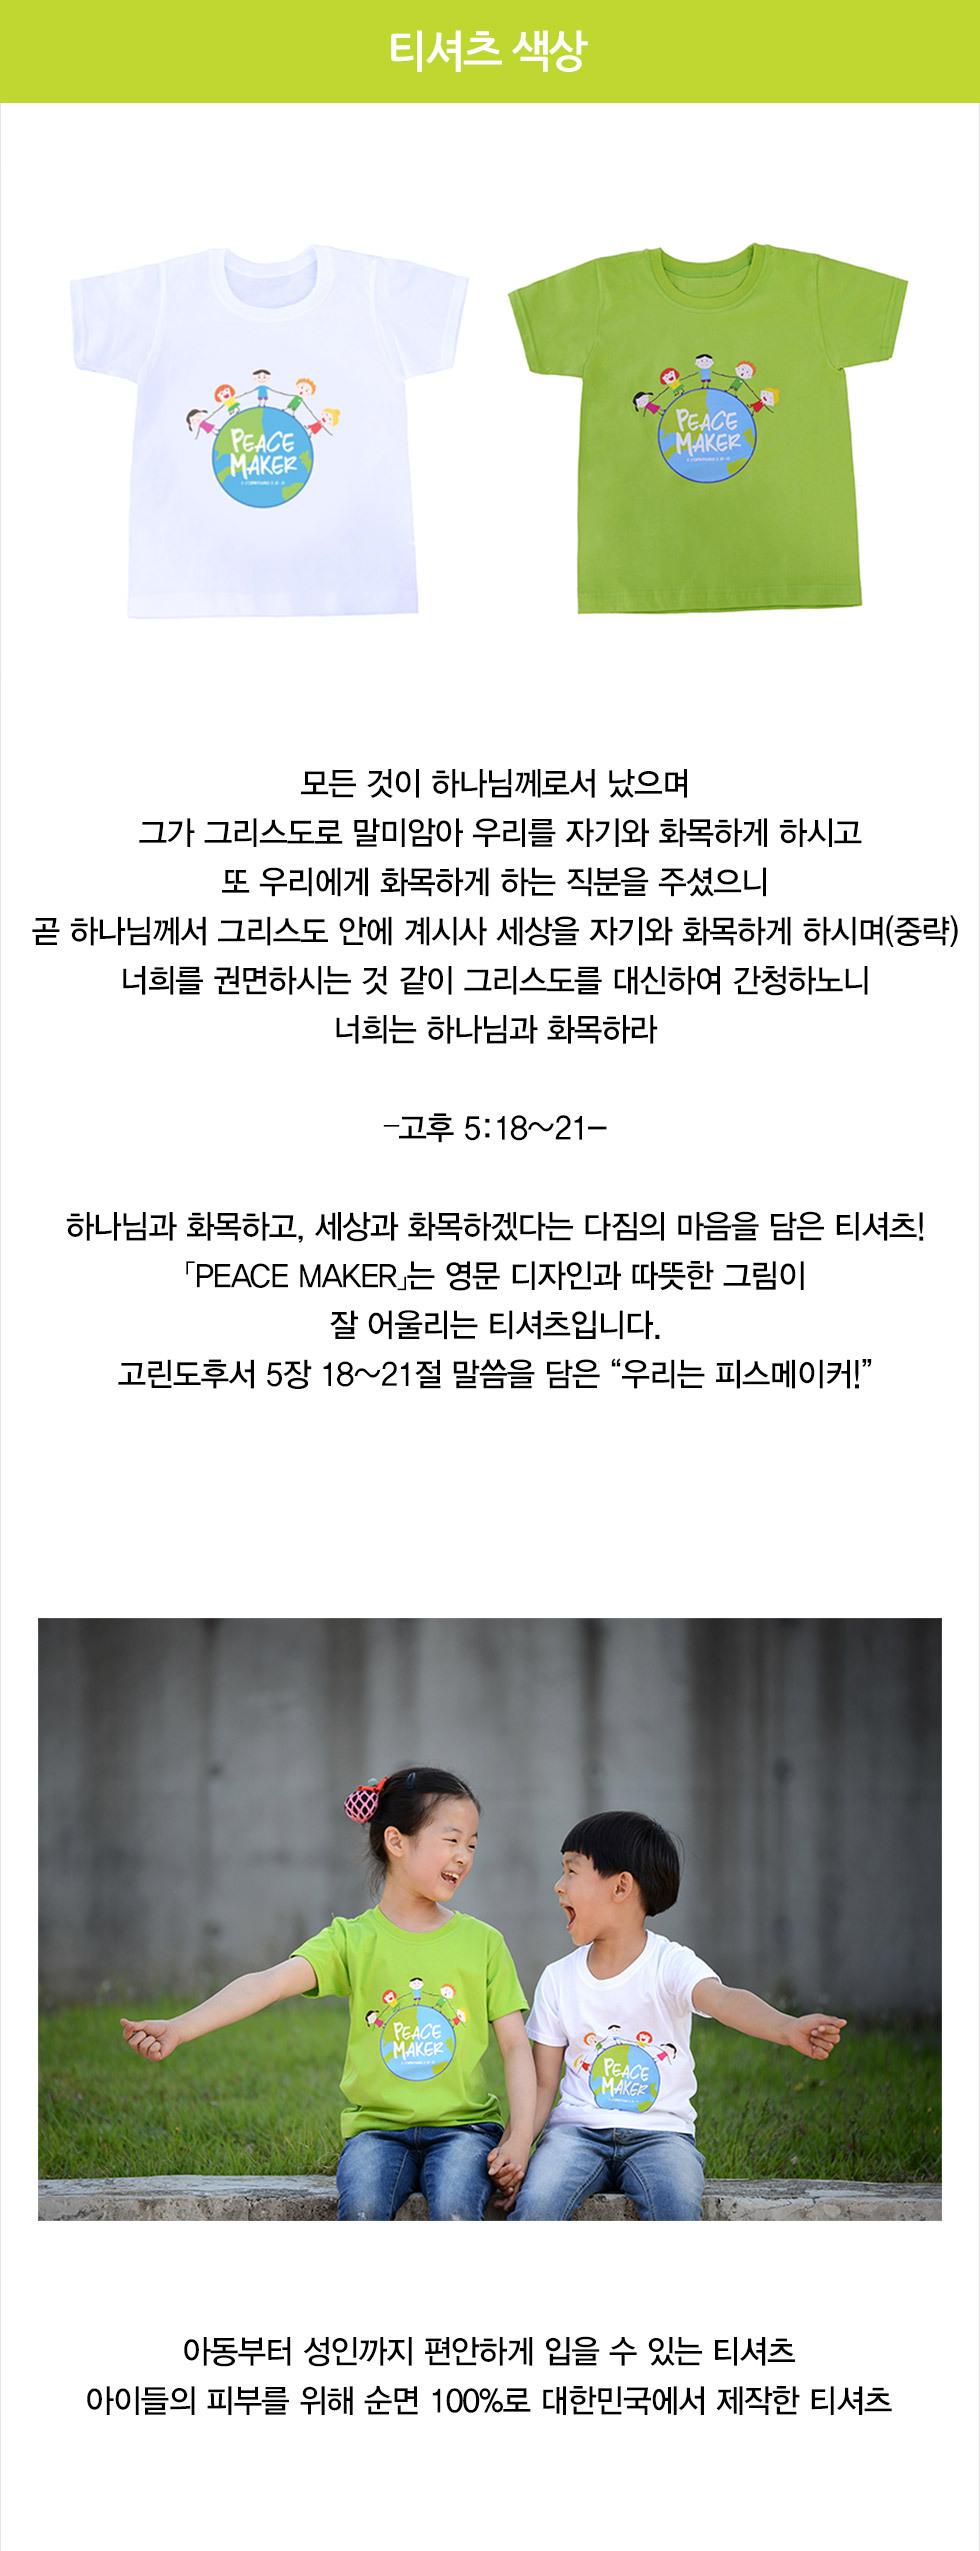 교회단체티 Peace maker 피스메이커 옵션별 가격